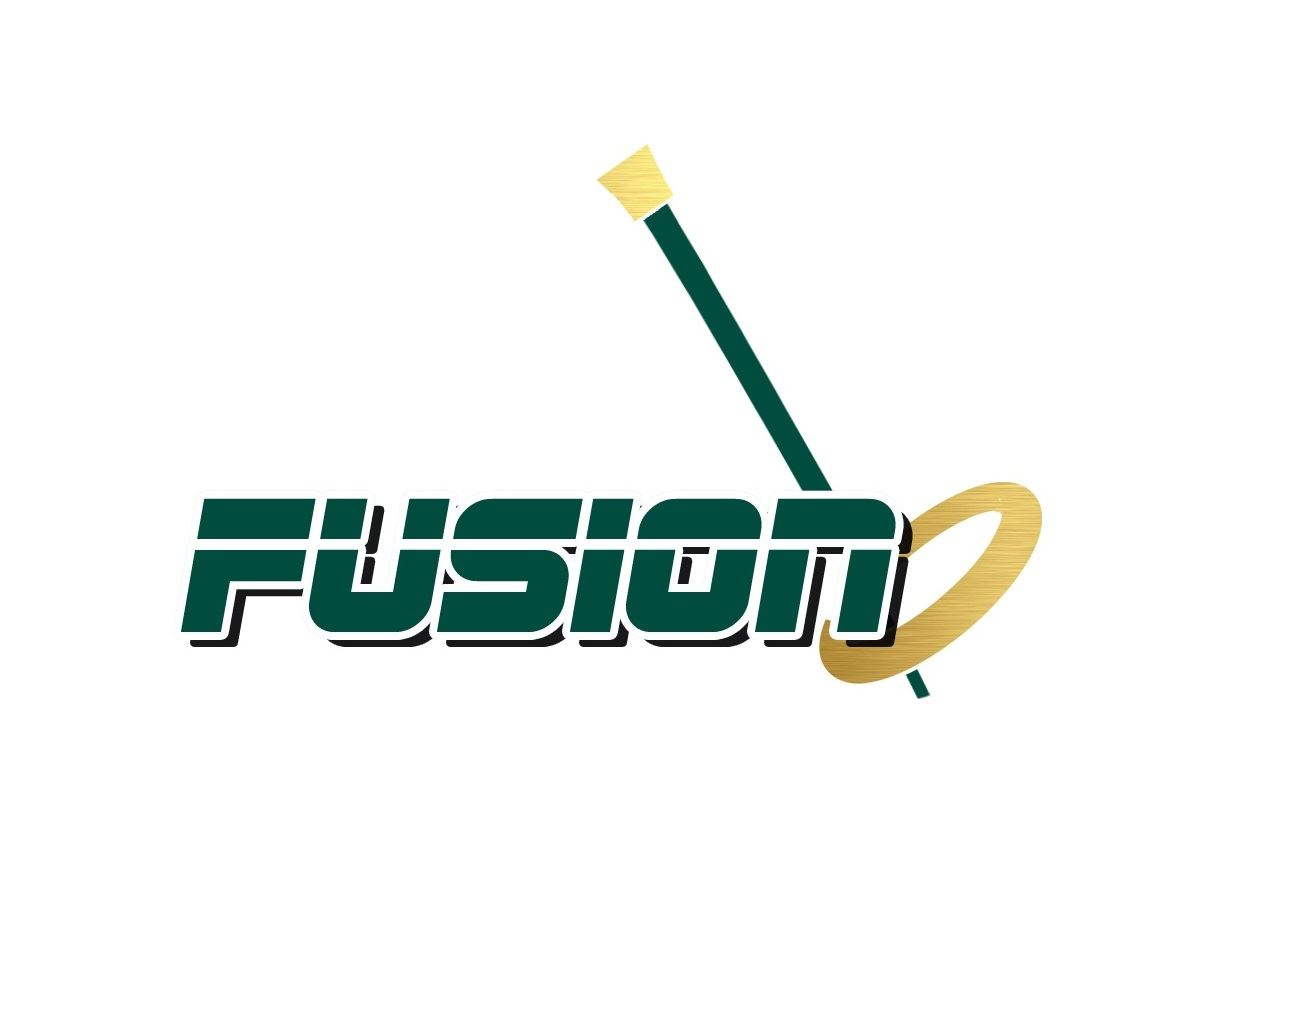 U12A Fusion Ringette - U12A Fusion Ringette